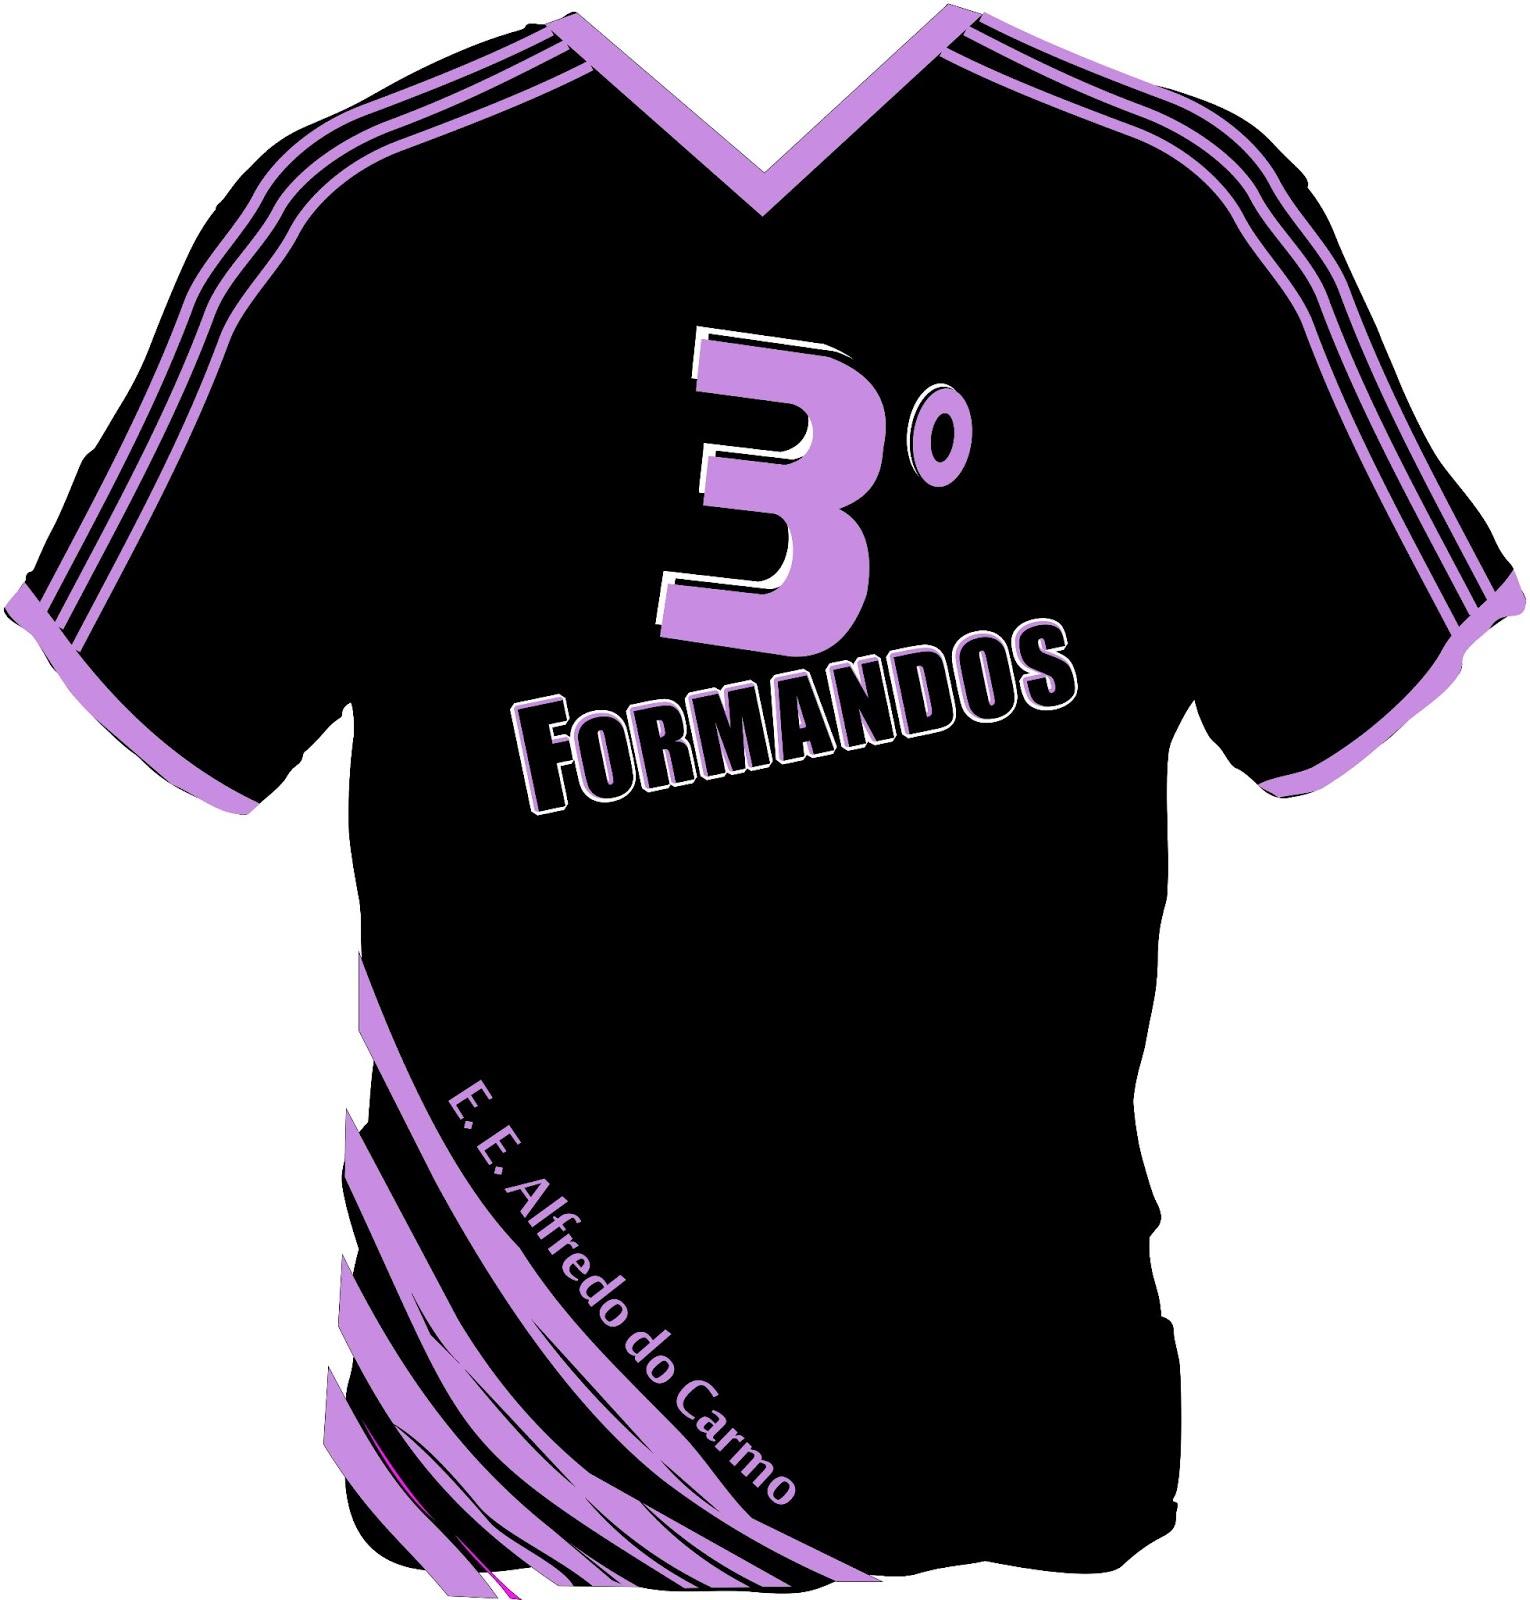 Extremamente Pró Artes Estamparia e Confecção: Camisetas Formandos NN91